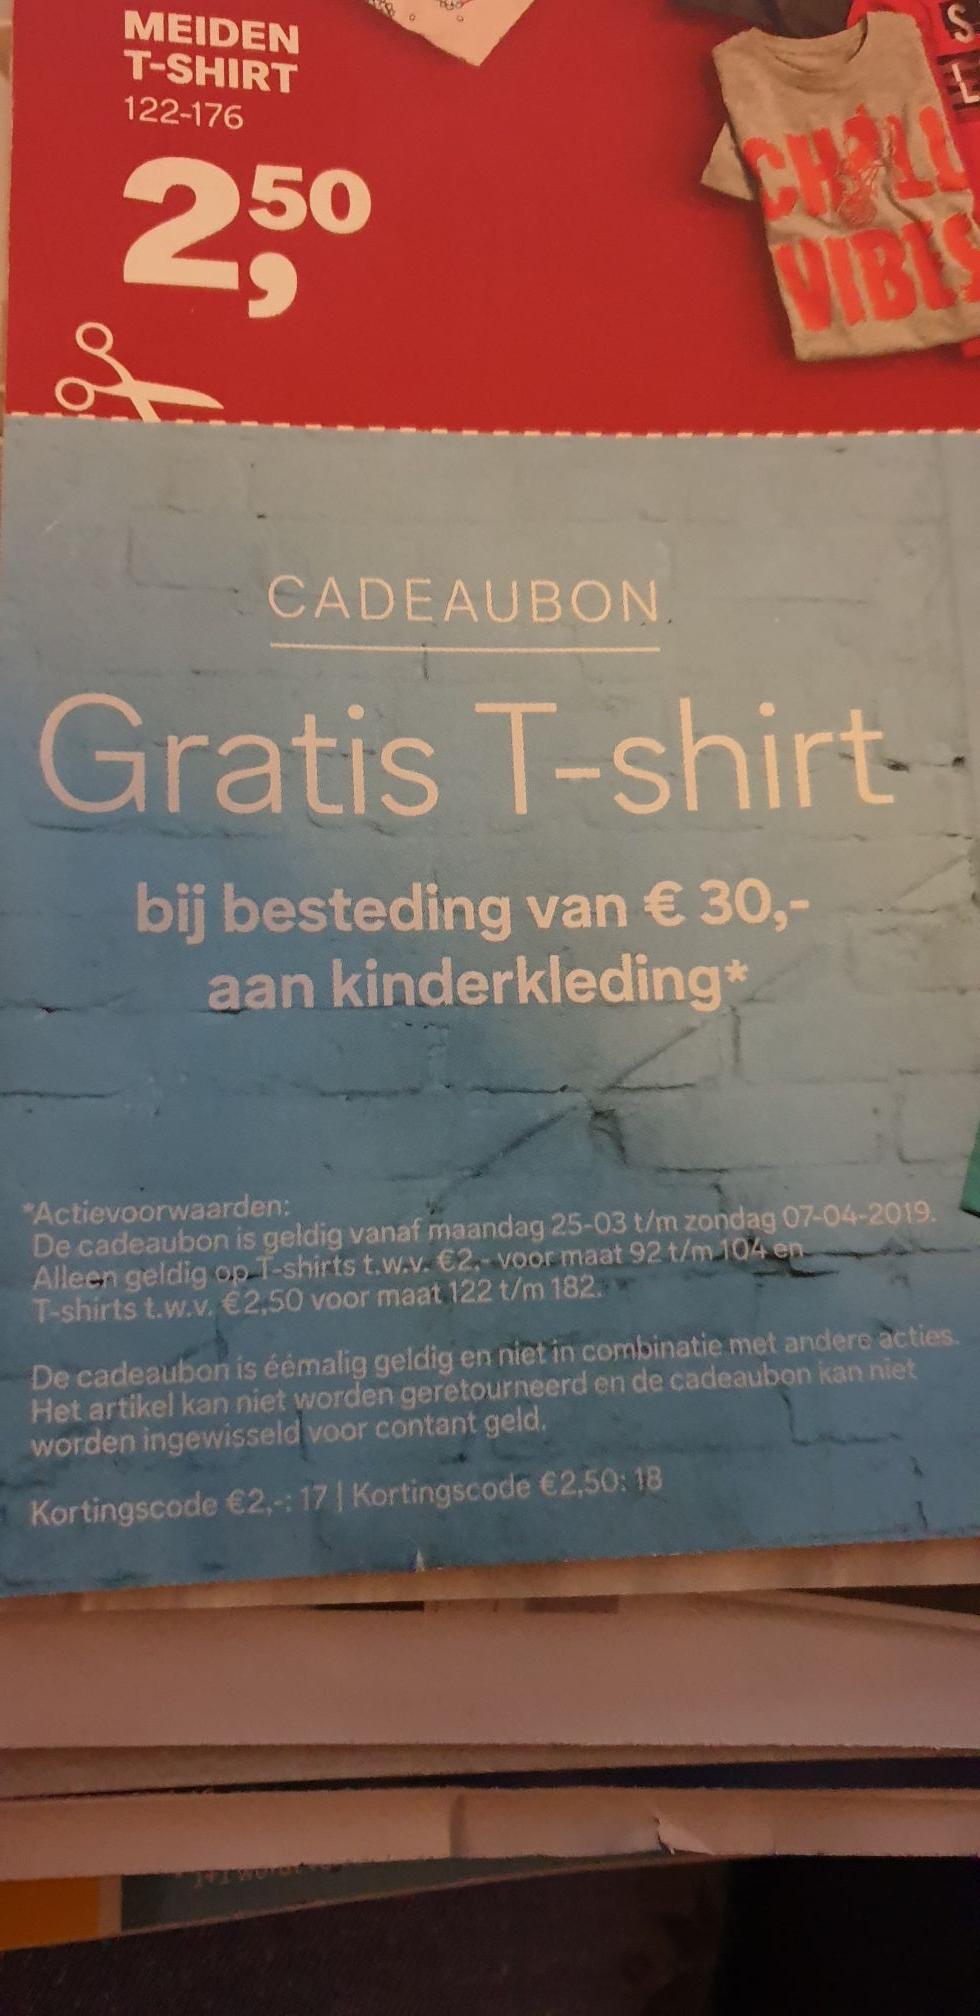 Gratis T-shirt bij besteding van 30euro aan kinderkleding @C&A